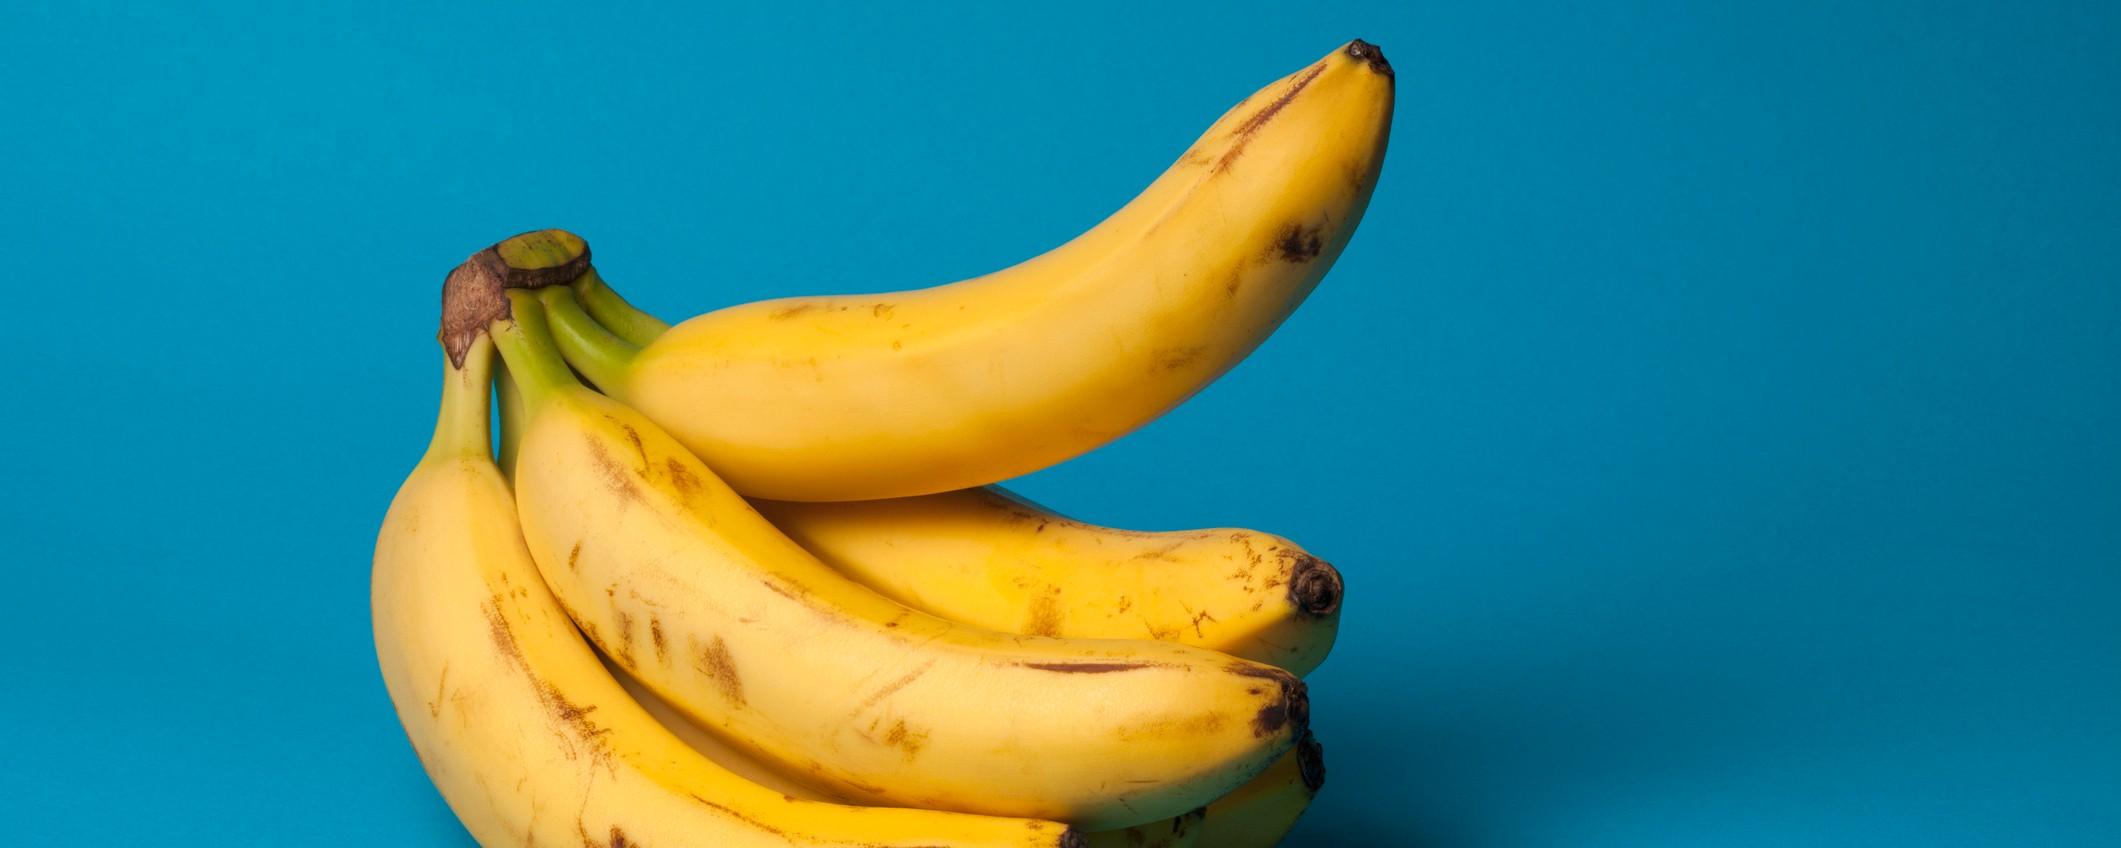 mărirea penisului cu garanție